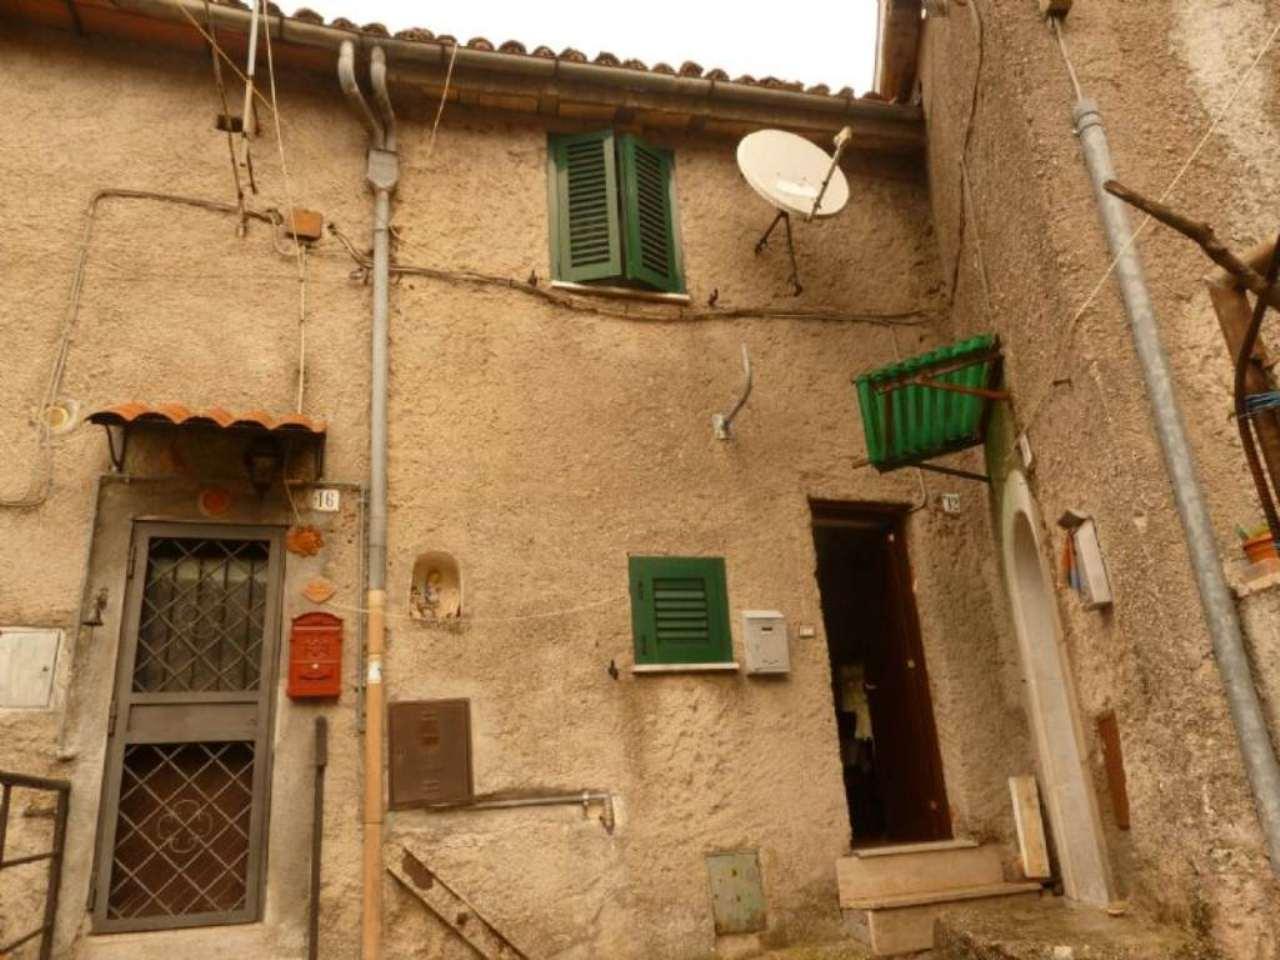 Appartamento in vendita a Riofreddo, 9999 locali, prezzo € 40.000 | CambioCasa.it